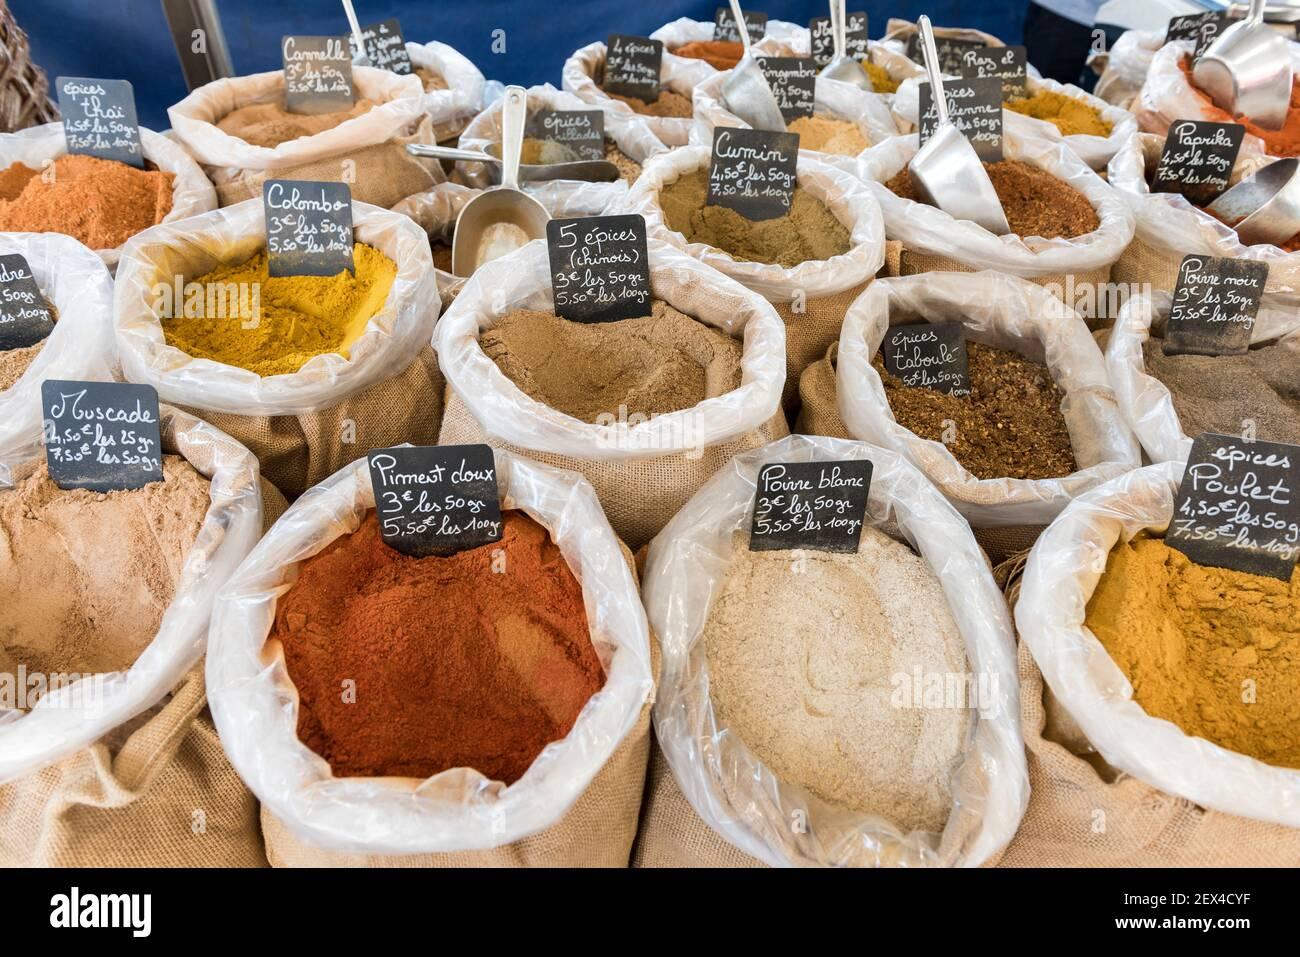 Gewürzbeutel auf einem Sommermarkt, Provence, Frankreich Stockfoto